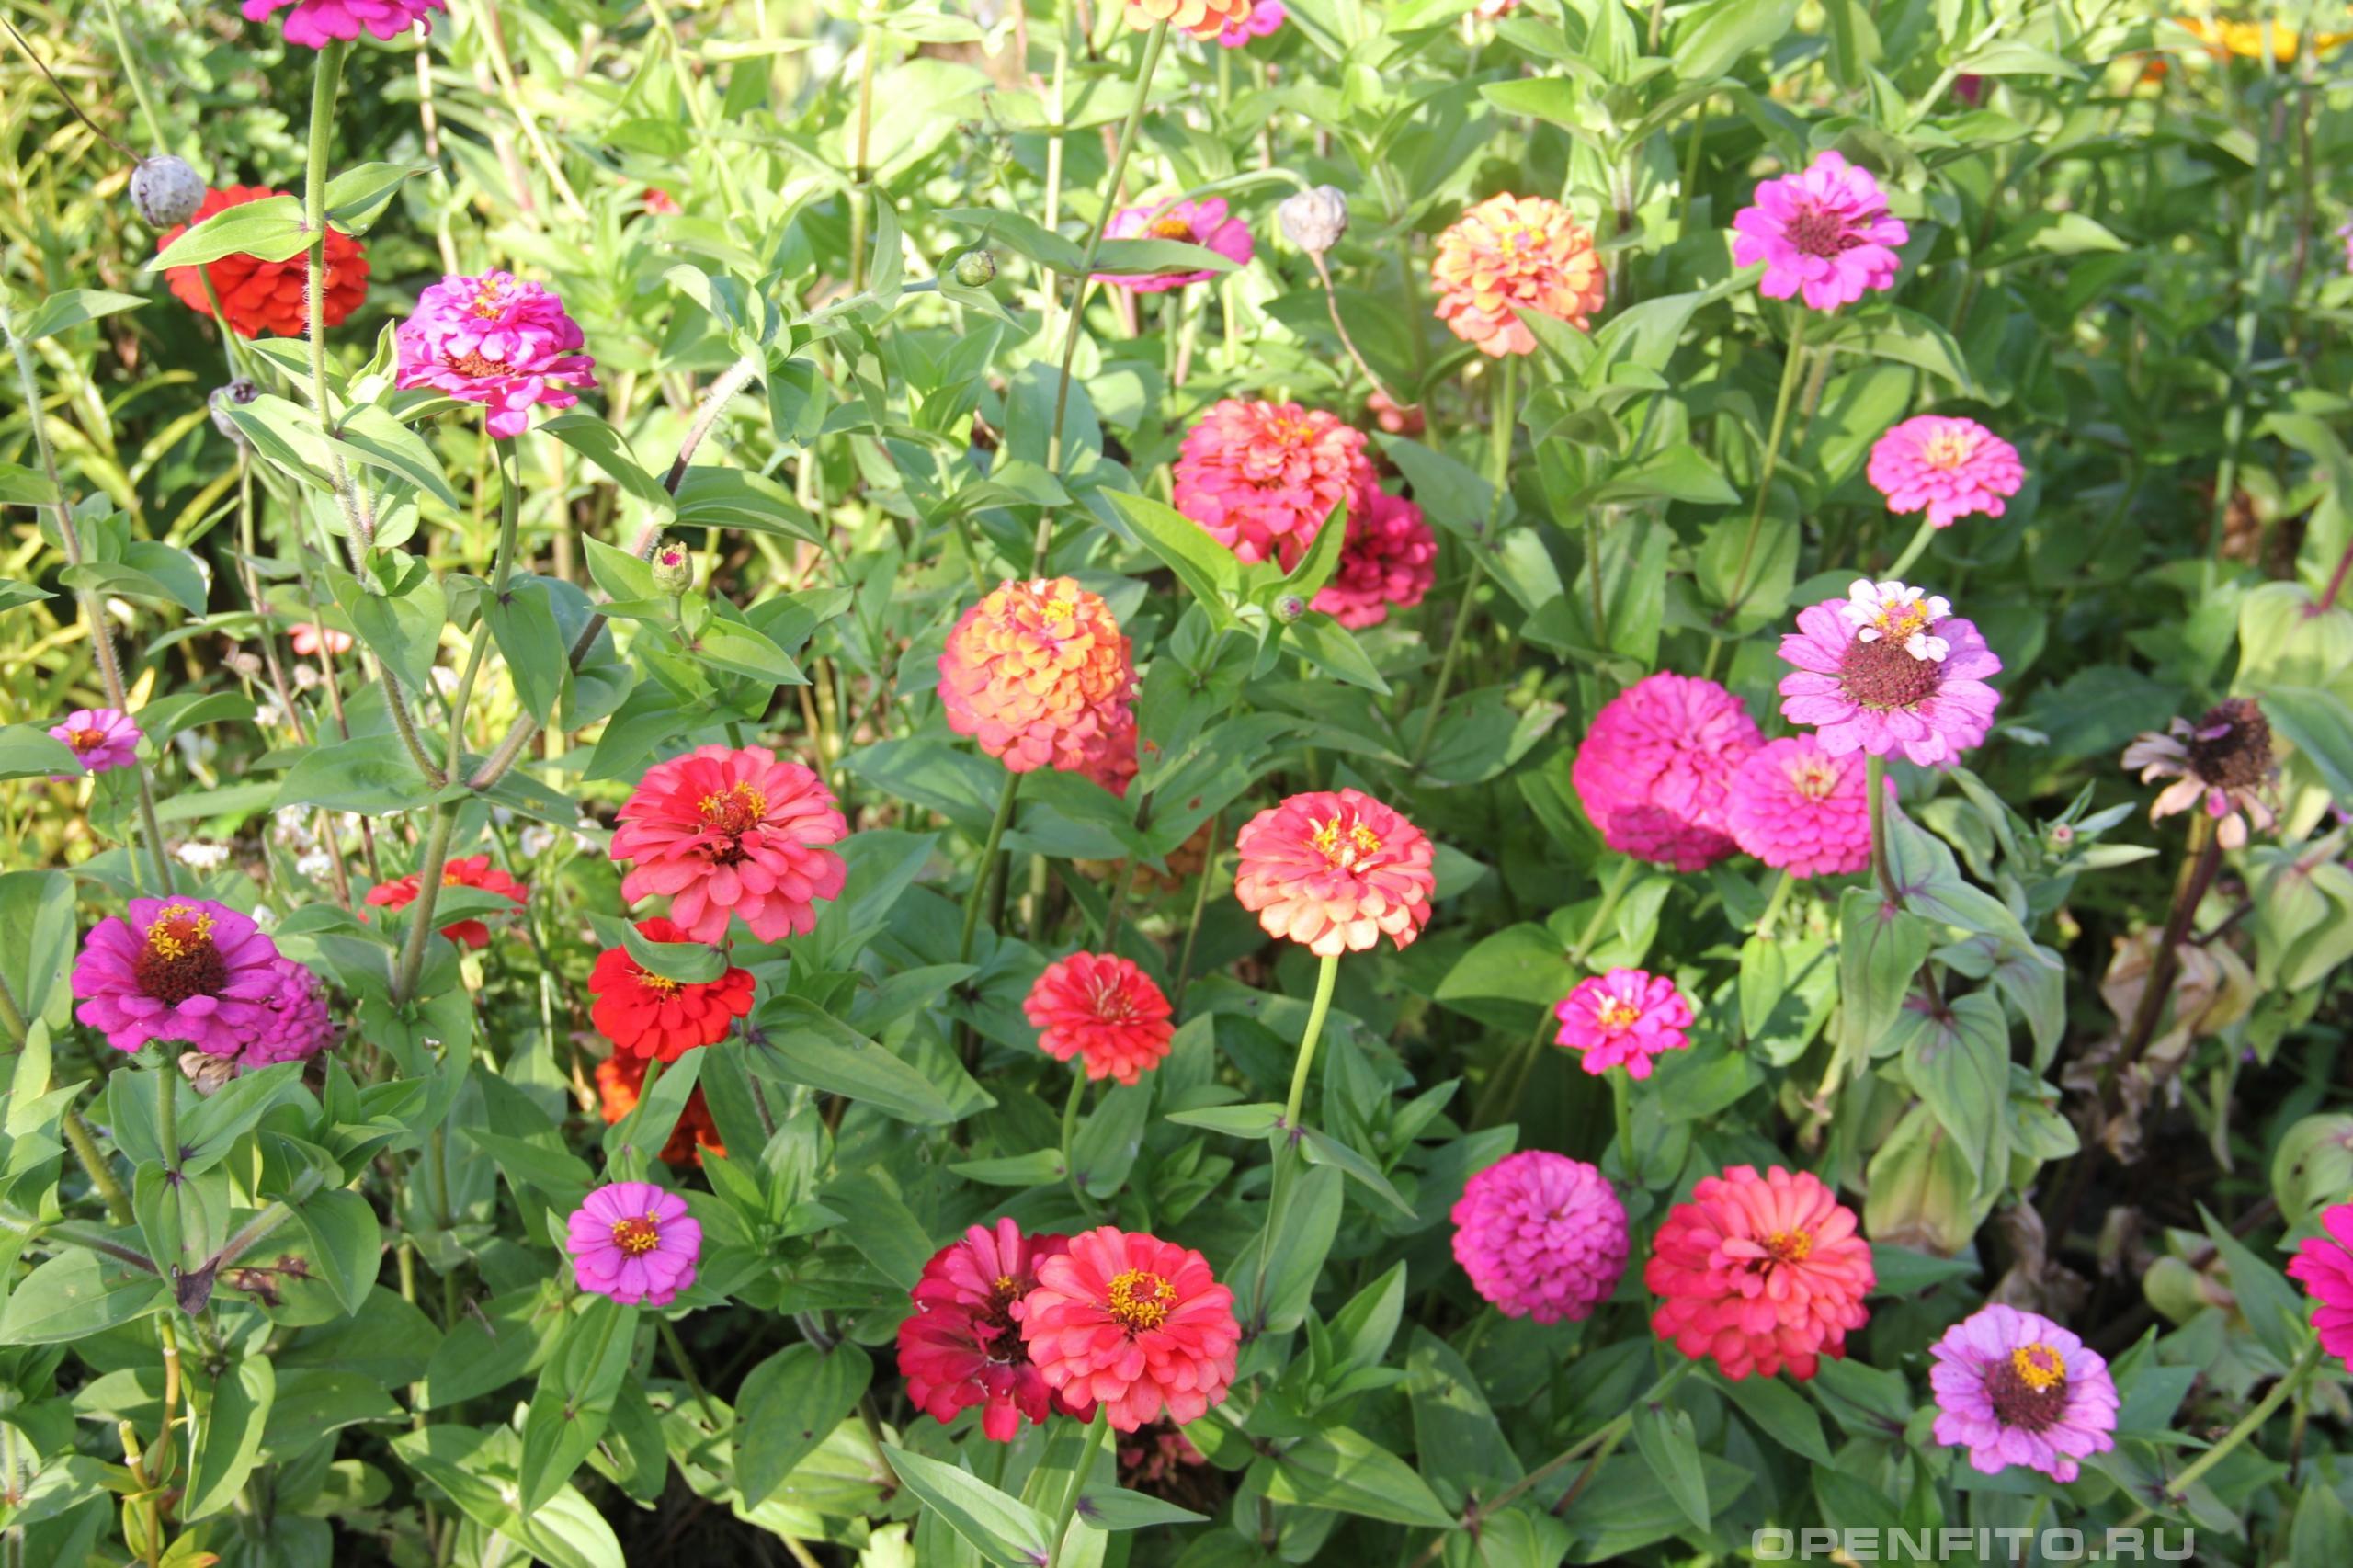 Циния изящная фото цветущих растений